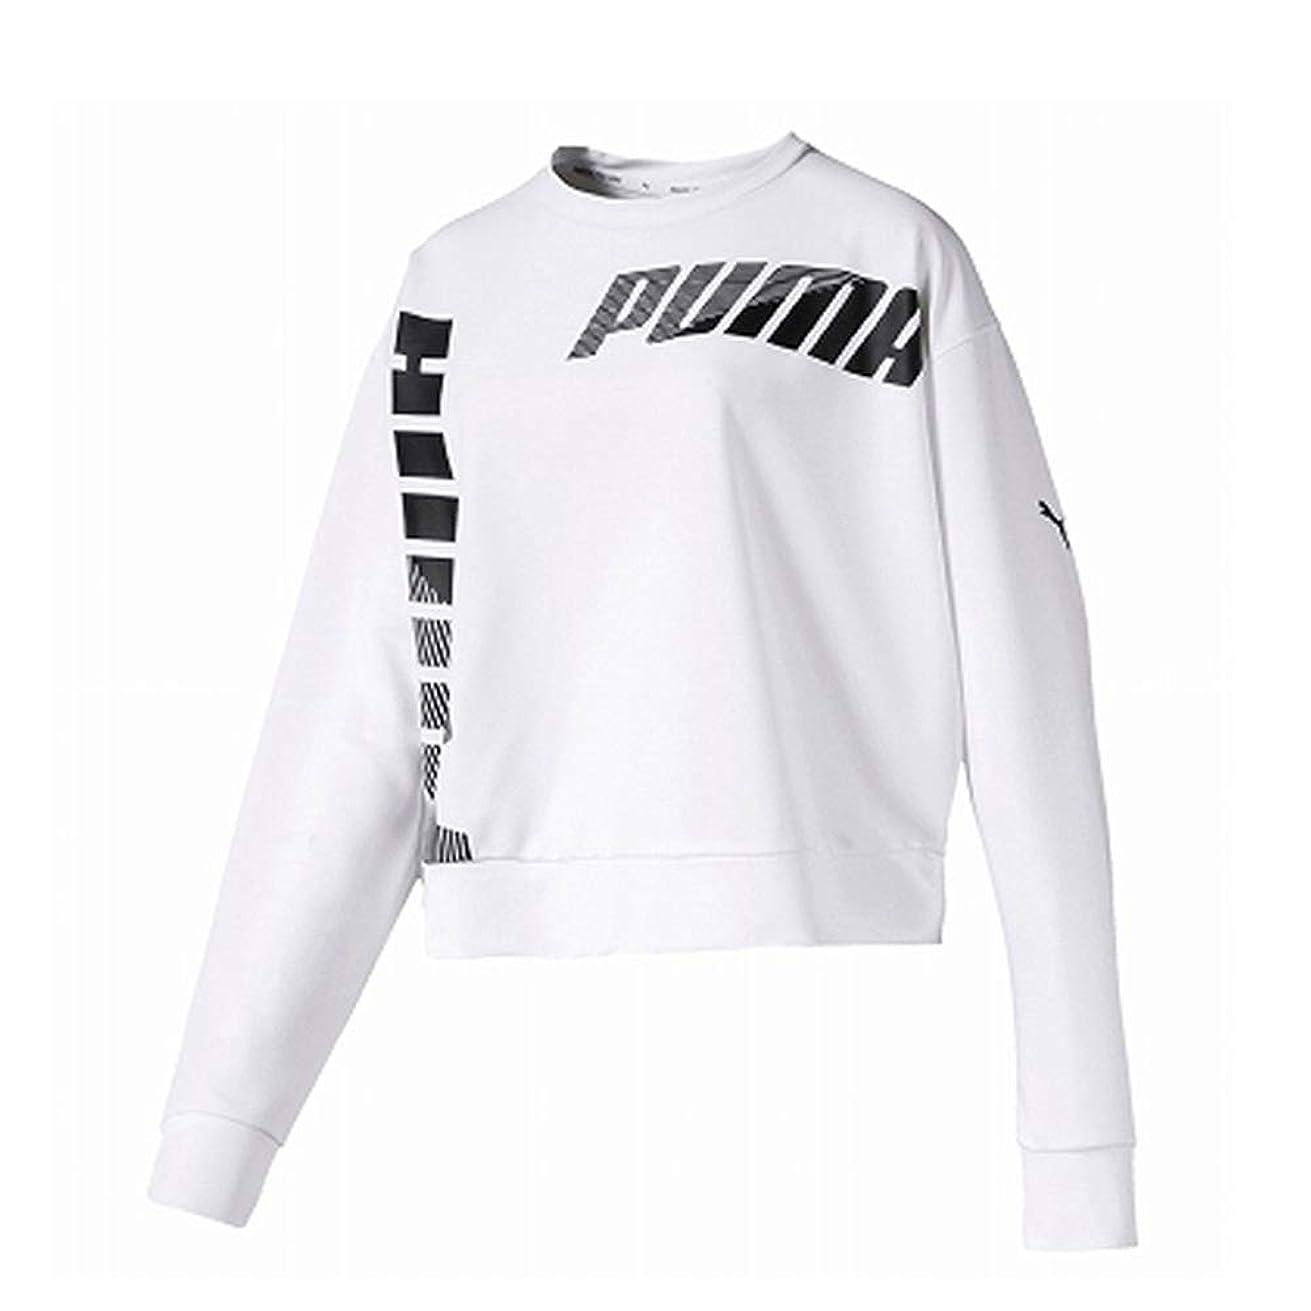 支援ホストあいまいスウェットシャツ レディース 上 PUMA MODERNSPORT